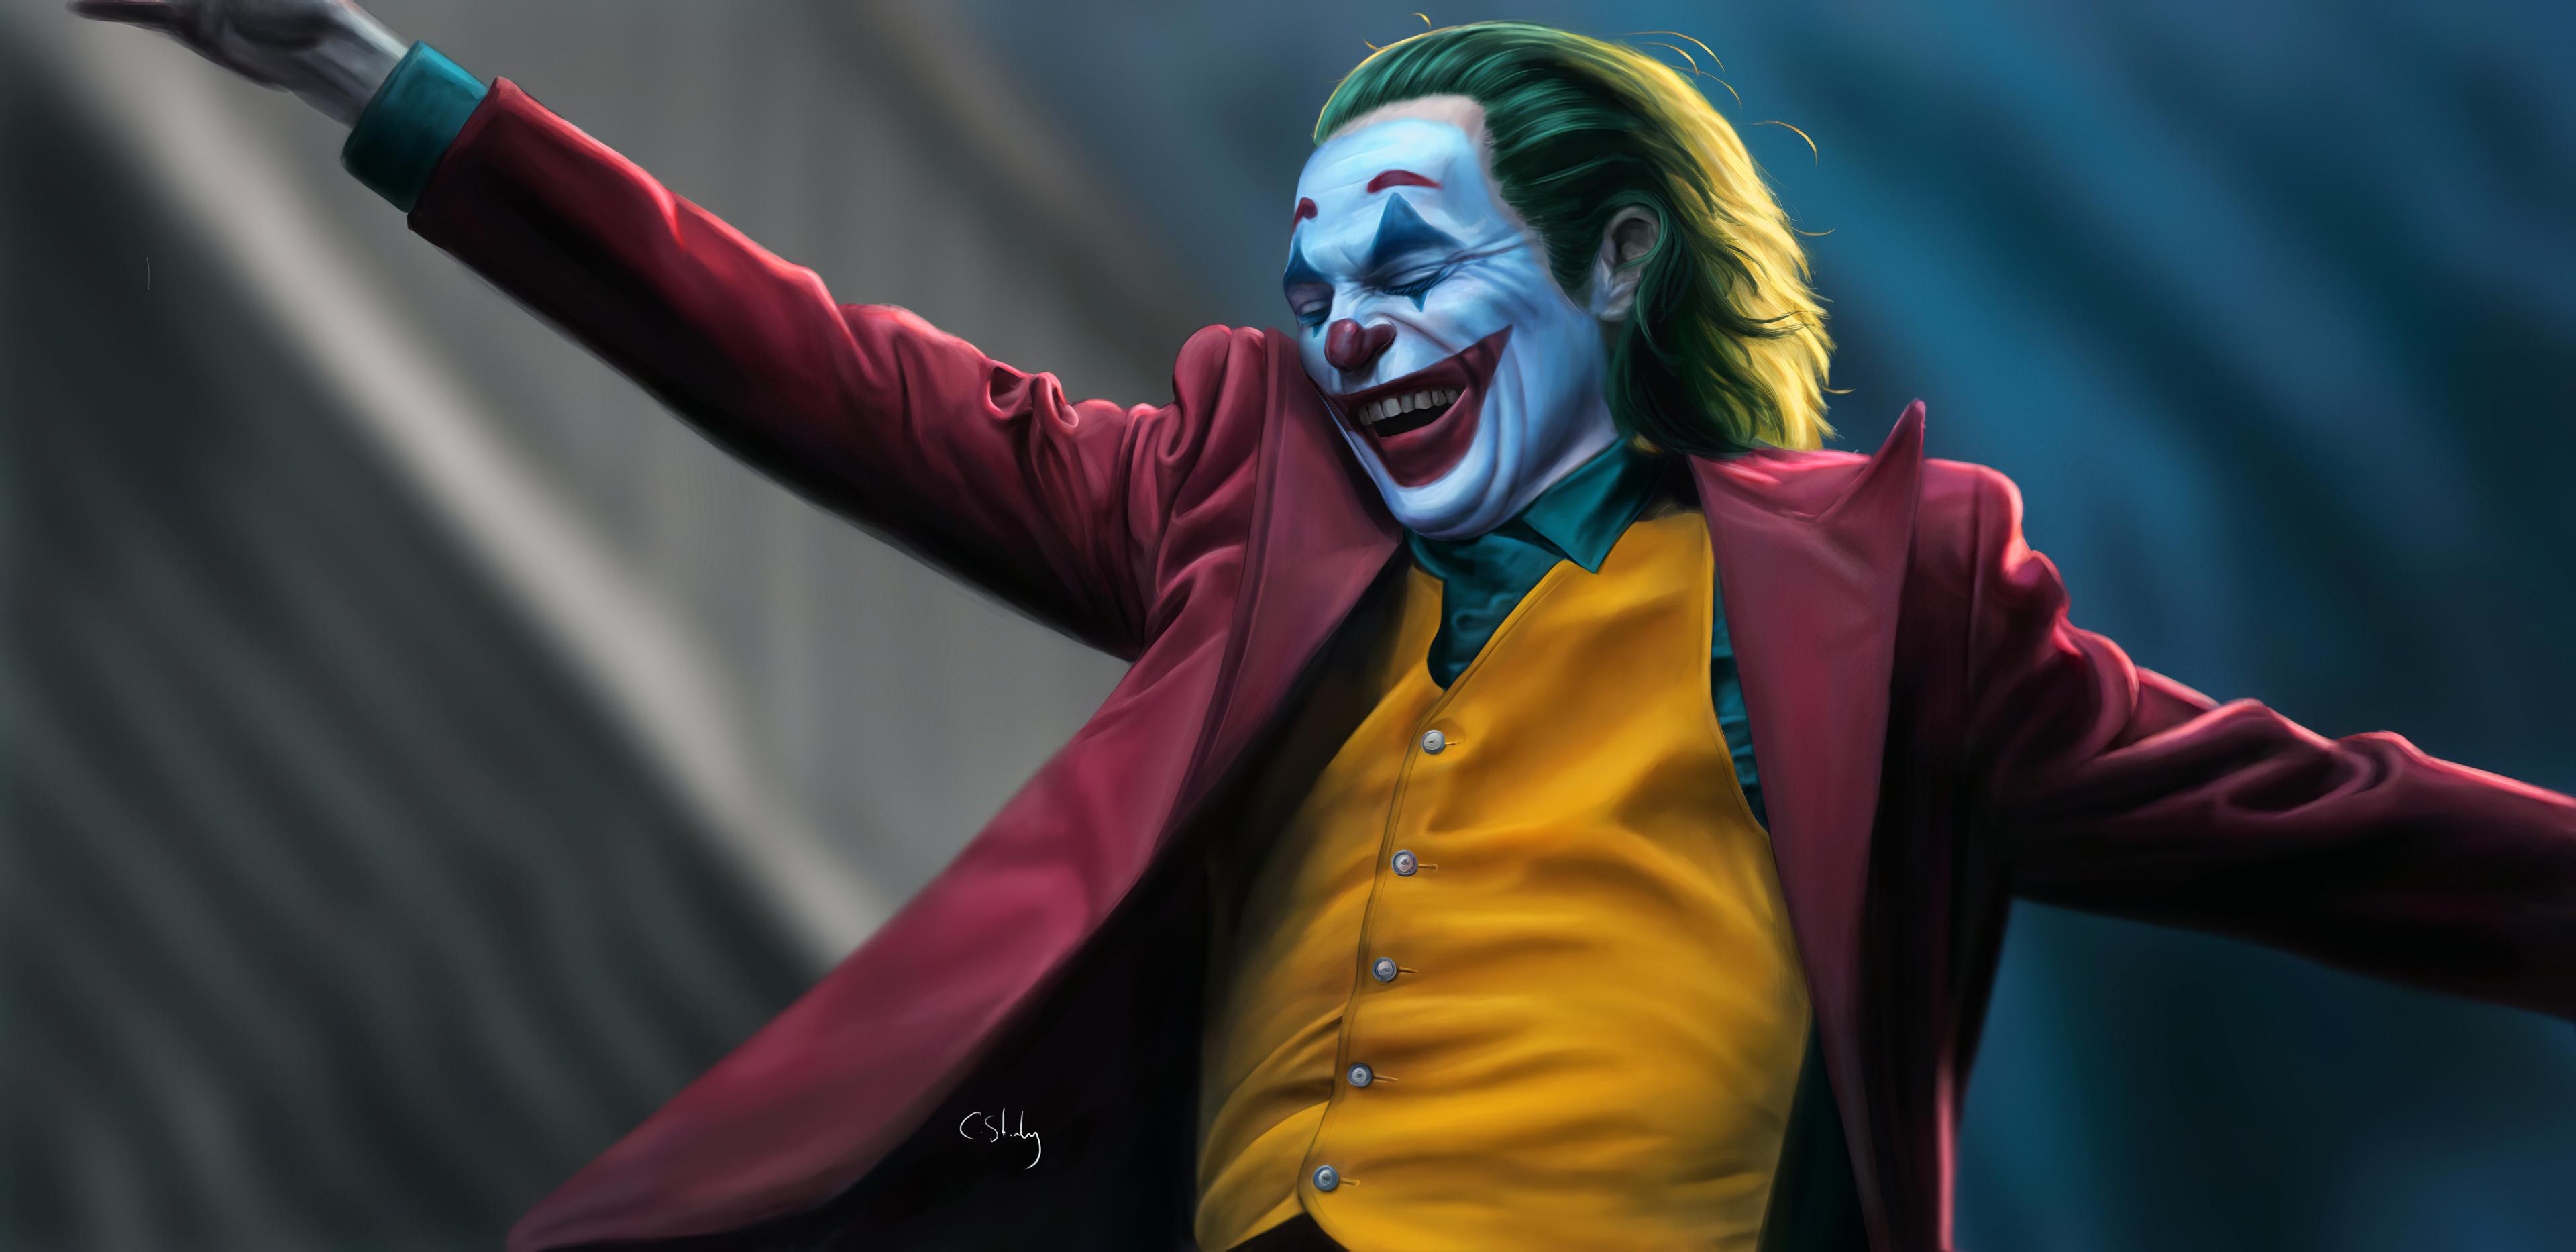 1920x1080 Joker 4k Smile Laptop Full HD 1080P HD 4k ...